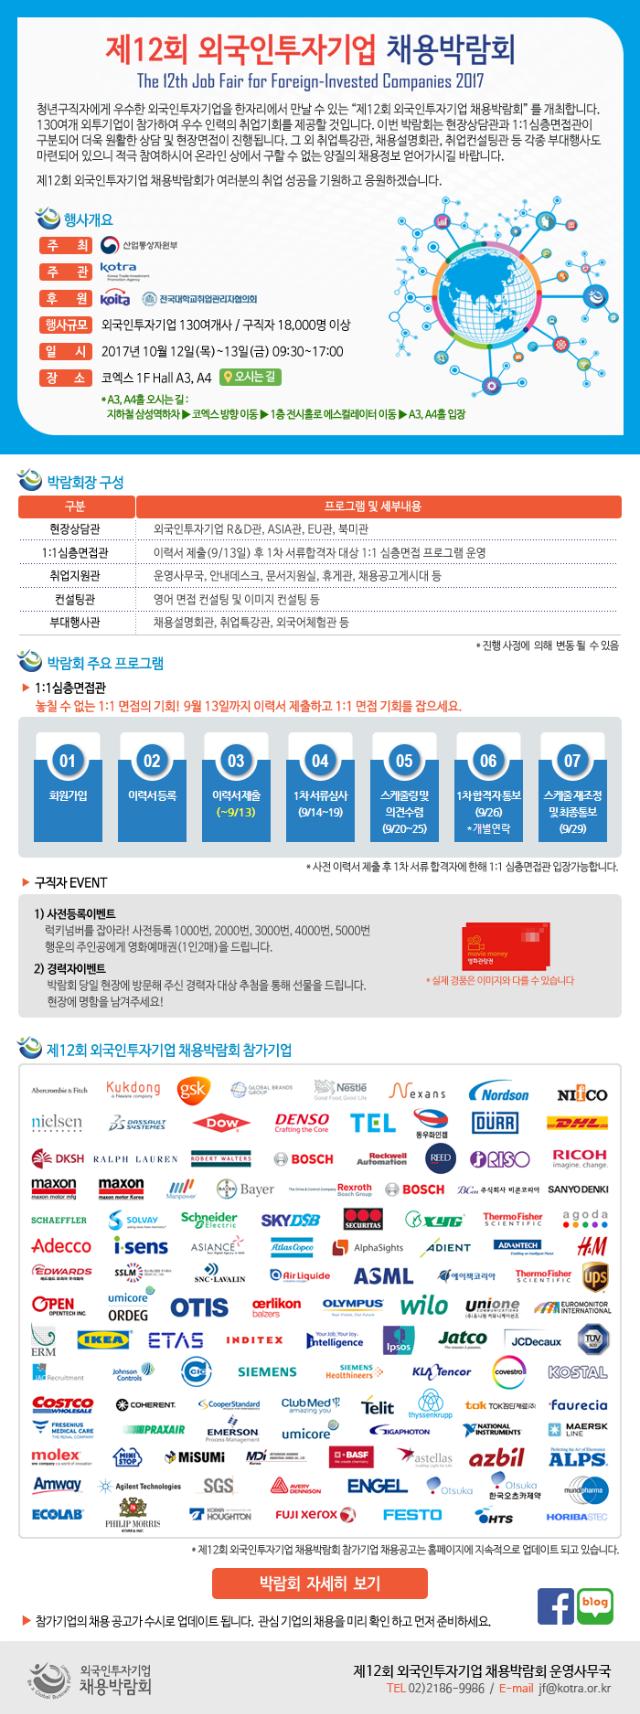 구직자 대상 채용박람회 소개자료.png